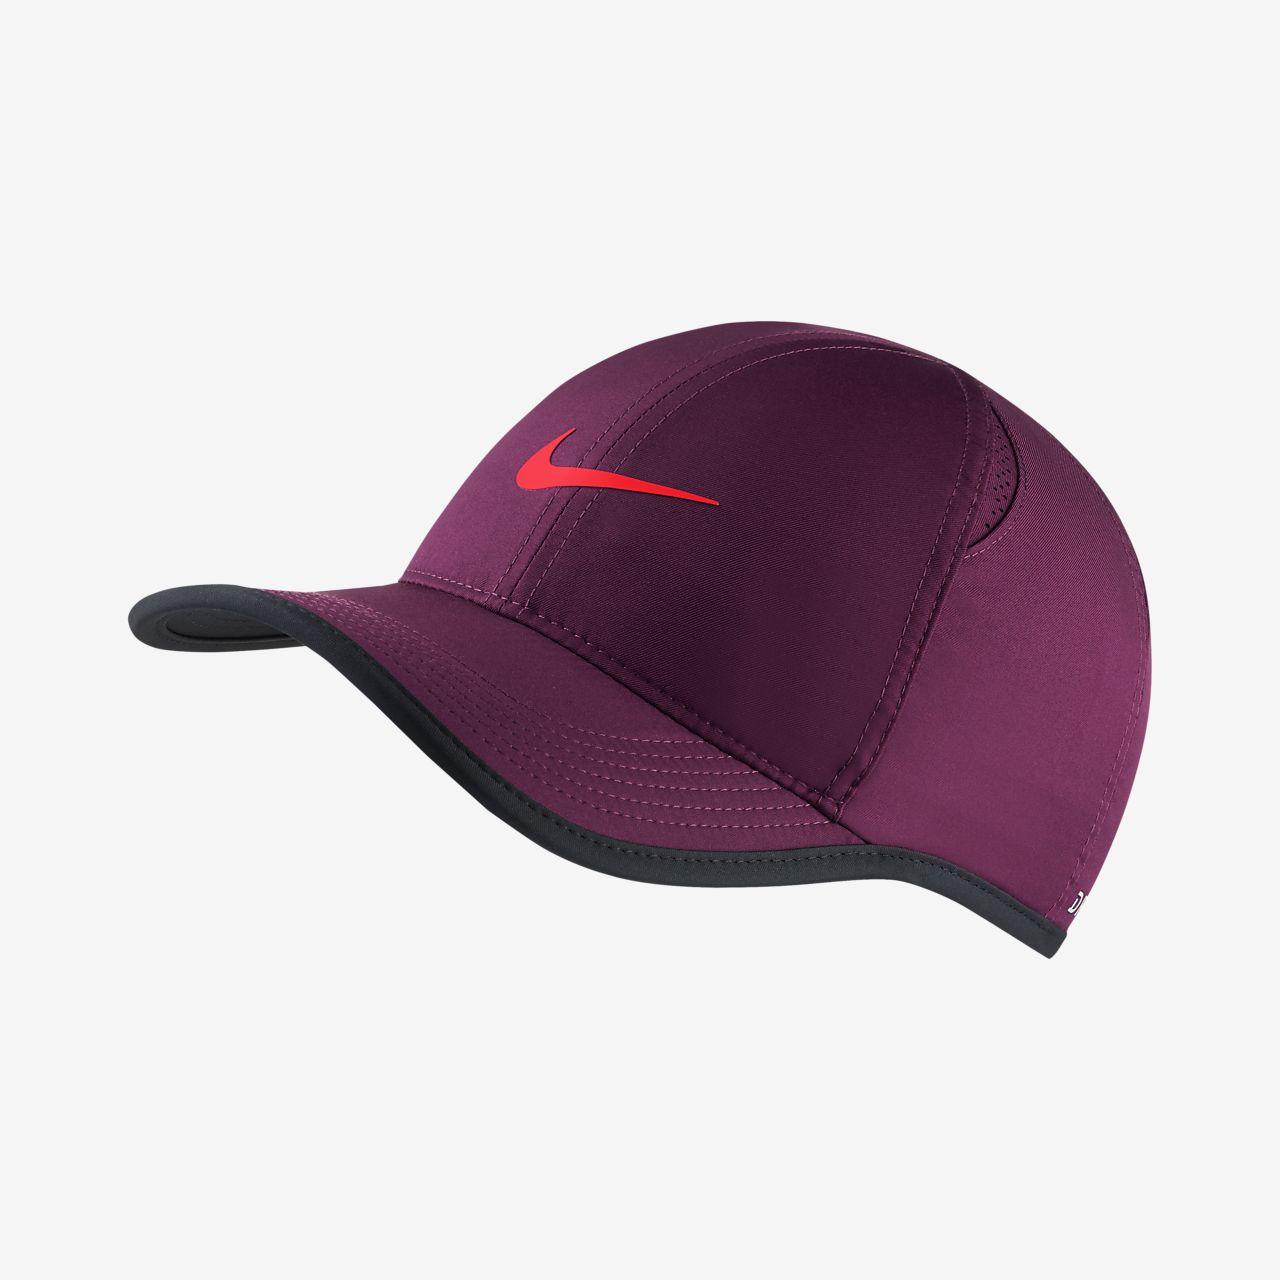 NikeCourt Featherlight  Adjustable Tennis Hat